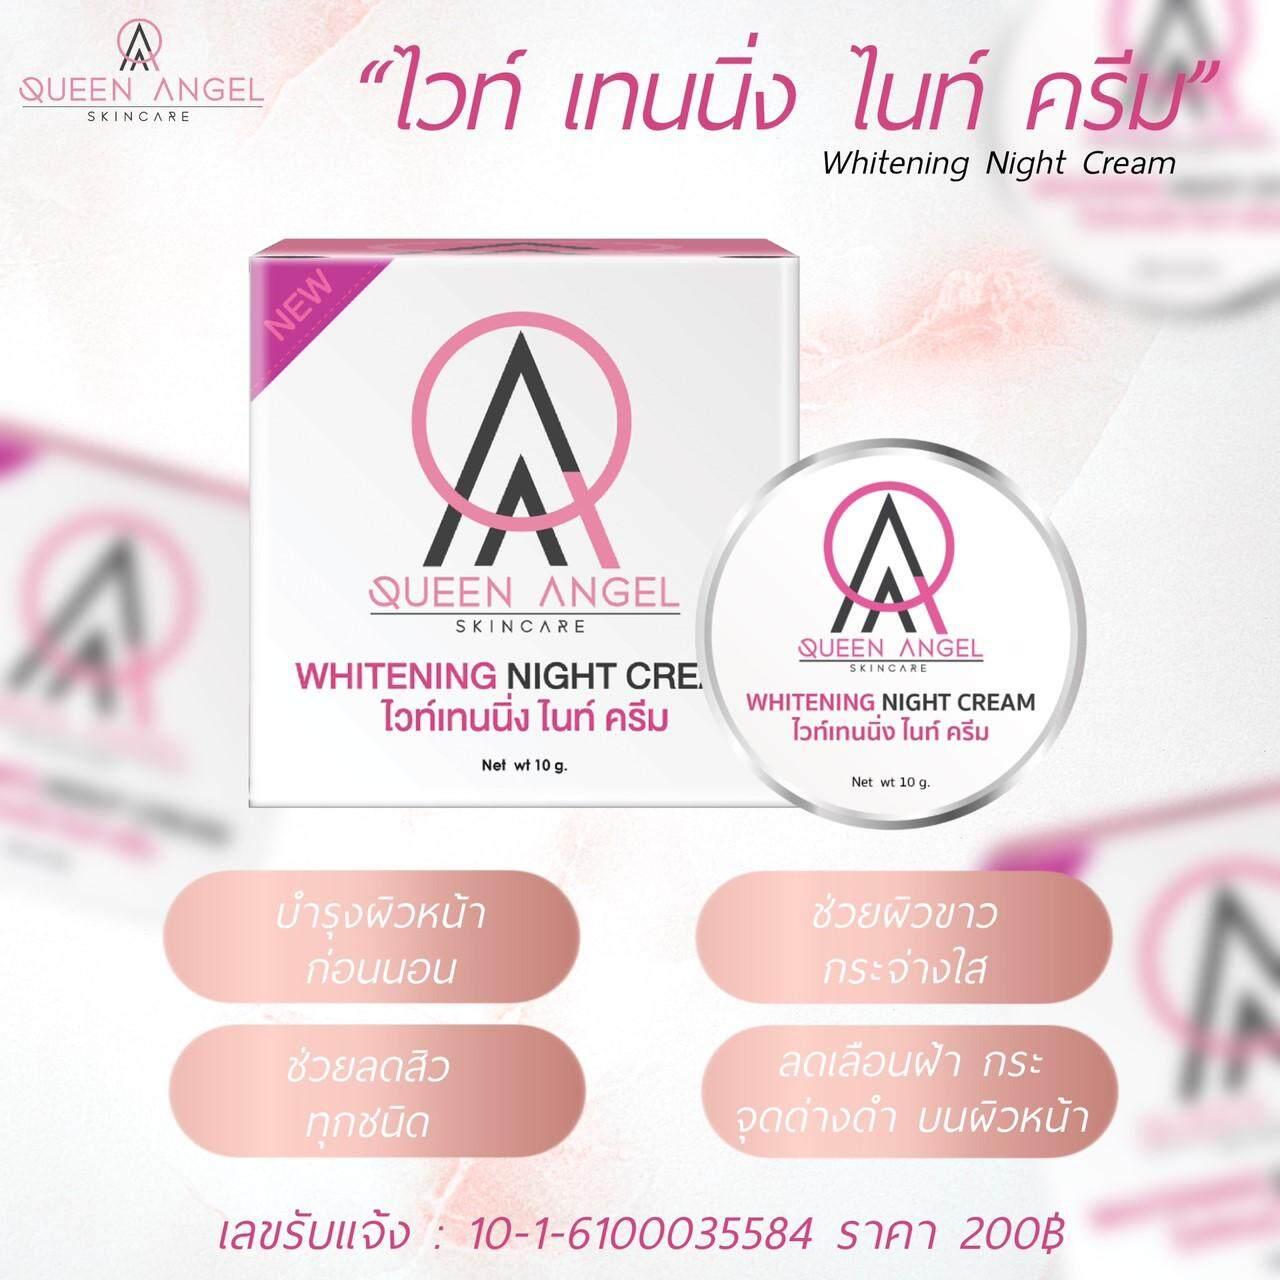 ไวท์เทนนิ่ง ไนท์ ครีม- ควีนแองเจิ้ล สกินแคร์ Queen Angel Skincare Whitening Night cream ขนาด 10กรัม - พร้อมส่ง